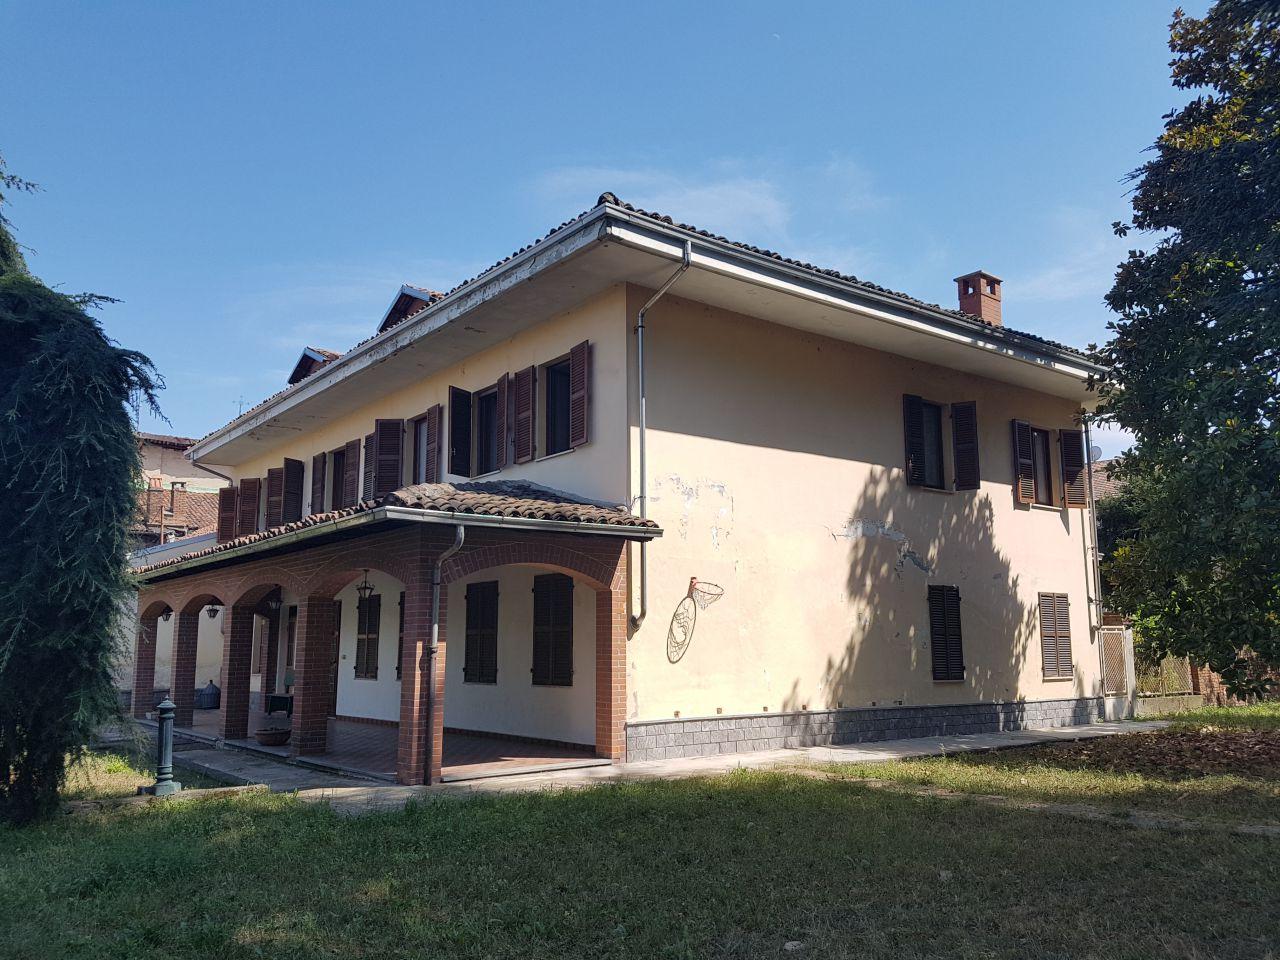 Soluzione Indipendente in vendita a Brusasco, 11 locali, prezzo € 215.000 | CambioCasa.it